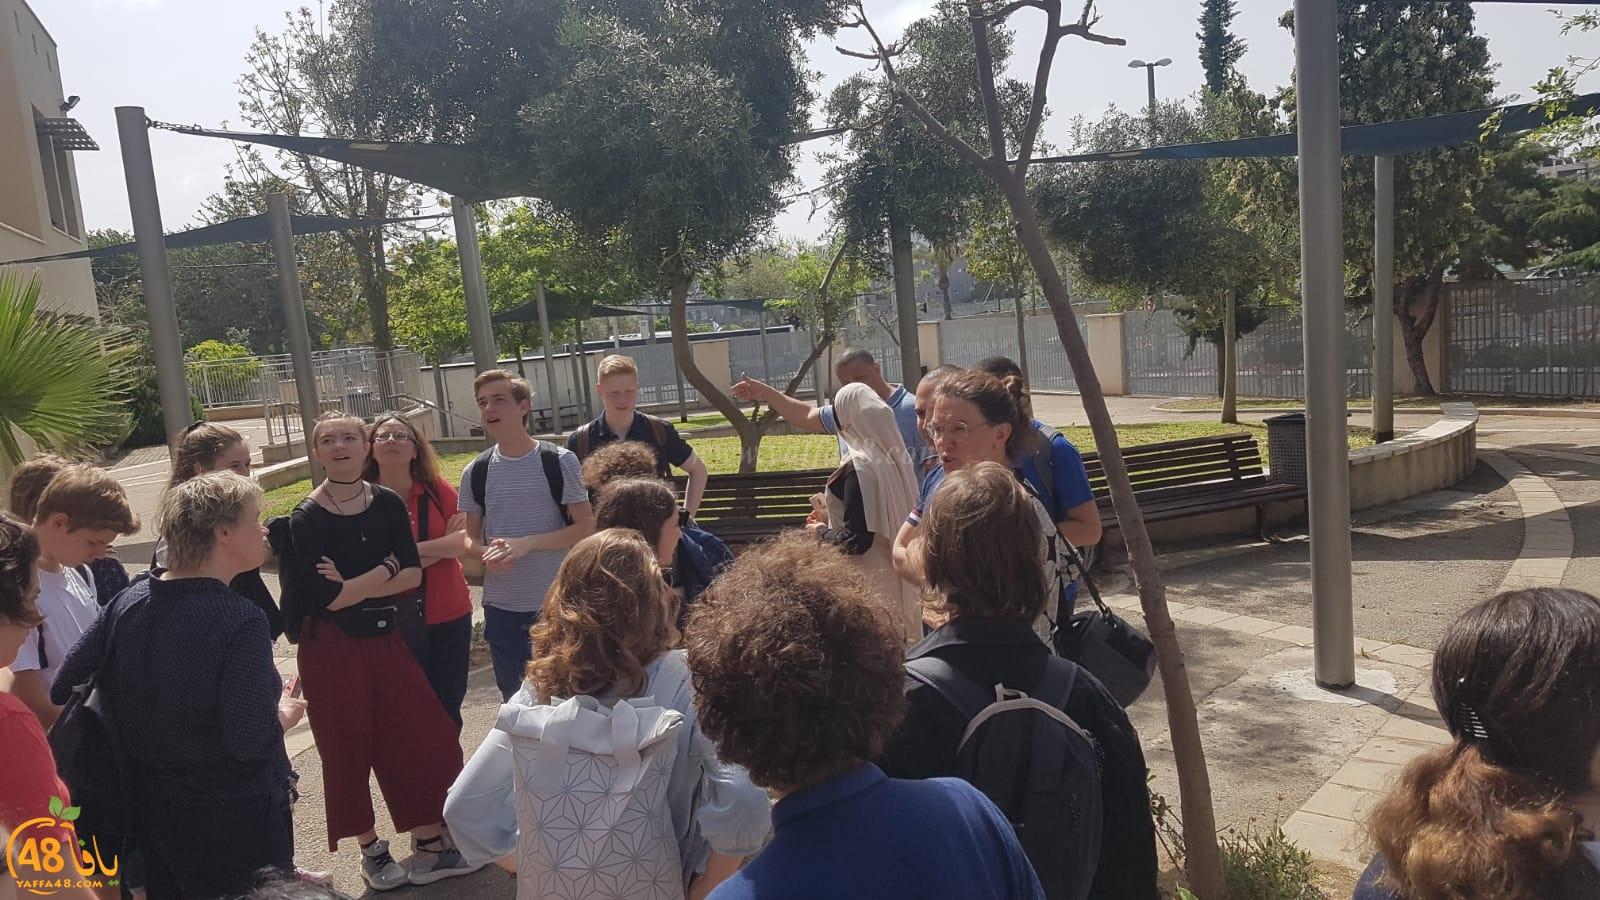 مدرسة أجيال الثانوية تستضيف بعثة من طلاب ألمانيا للتبادل الثقافي